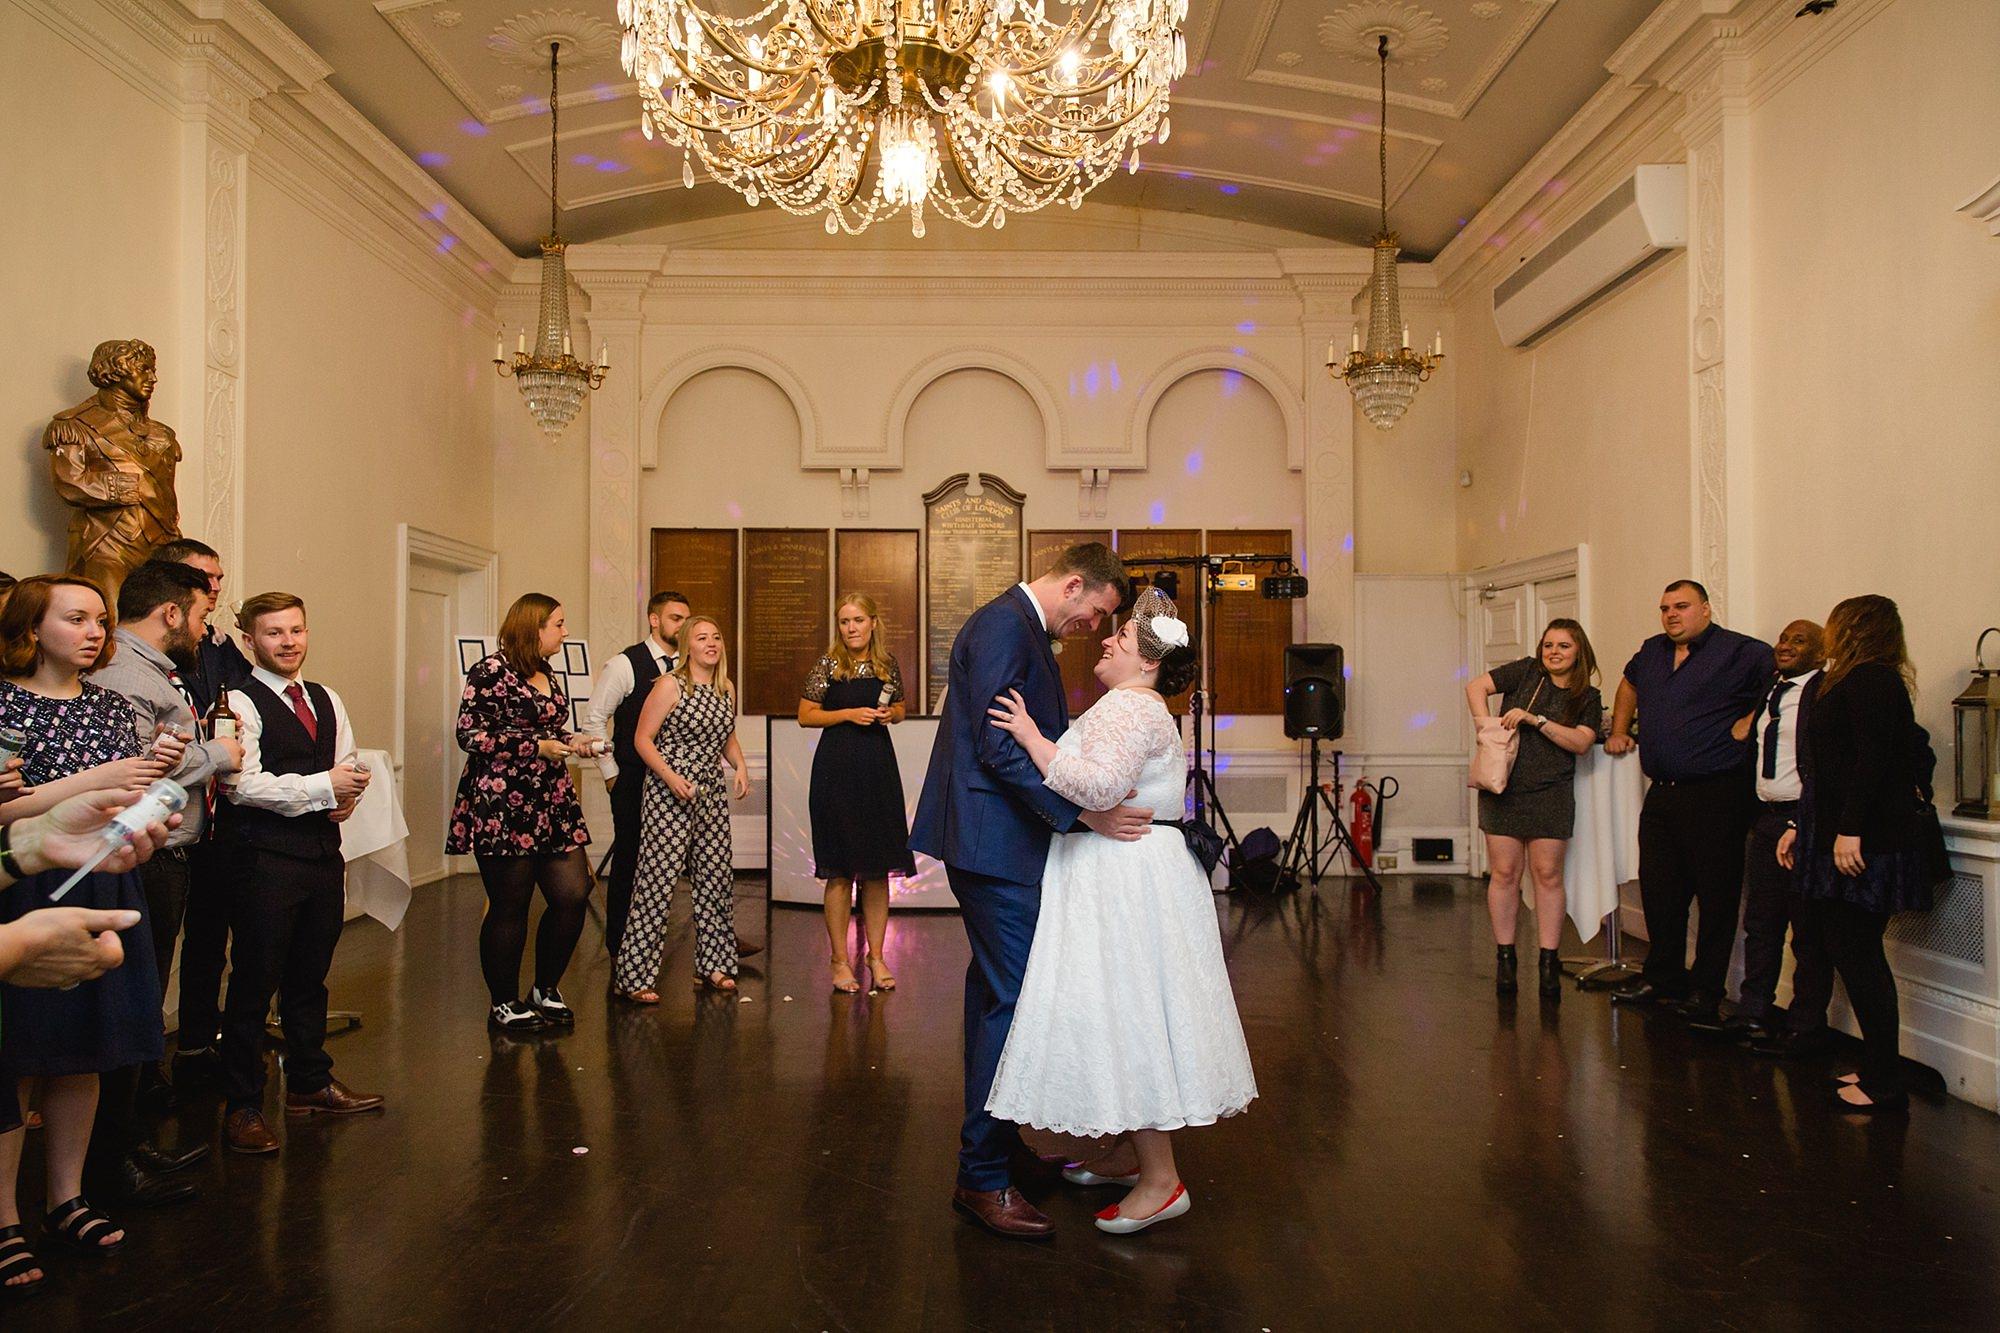 Trafalgar Tavern wedding bride and groom's first dance